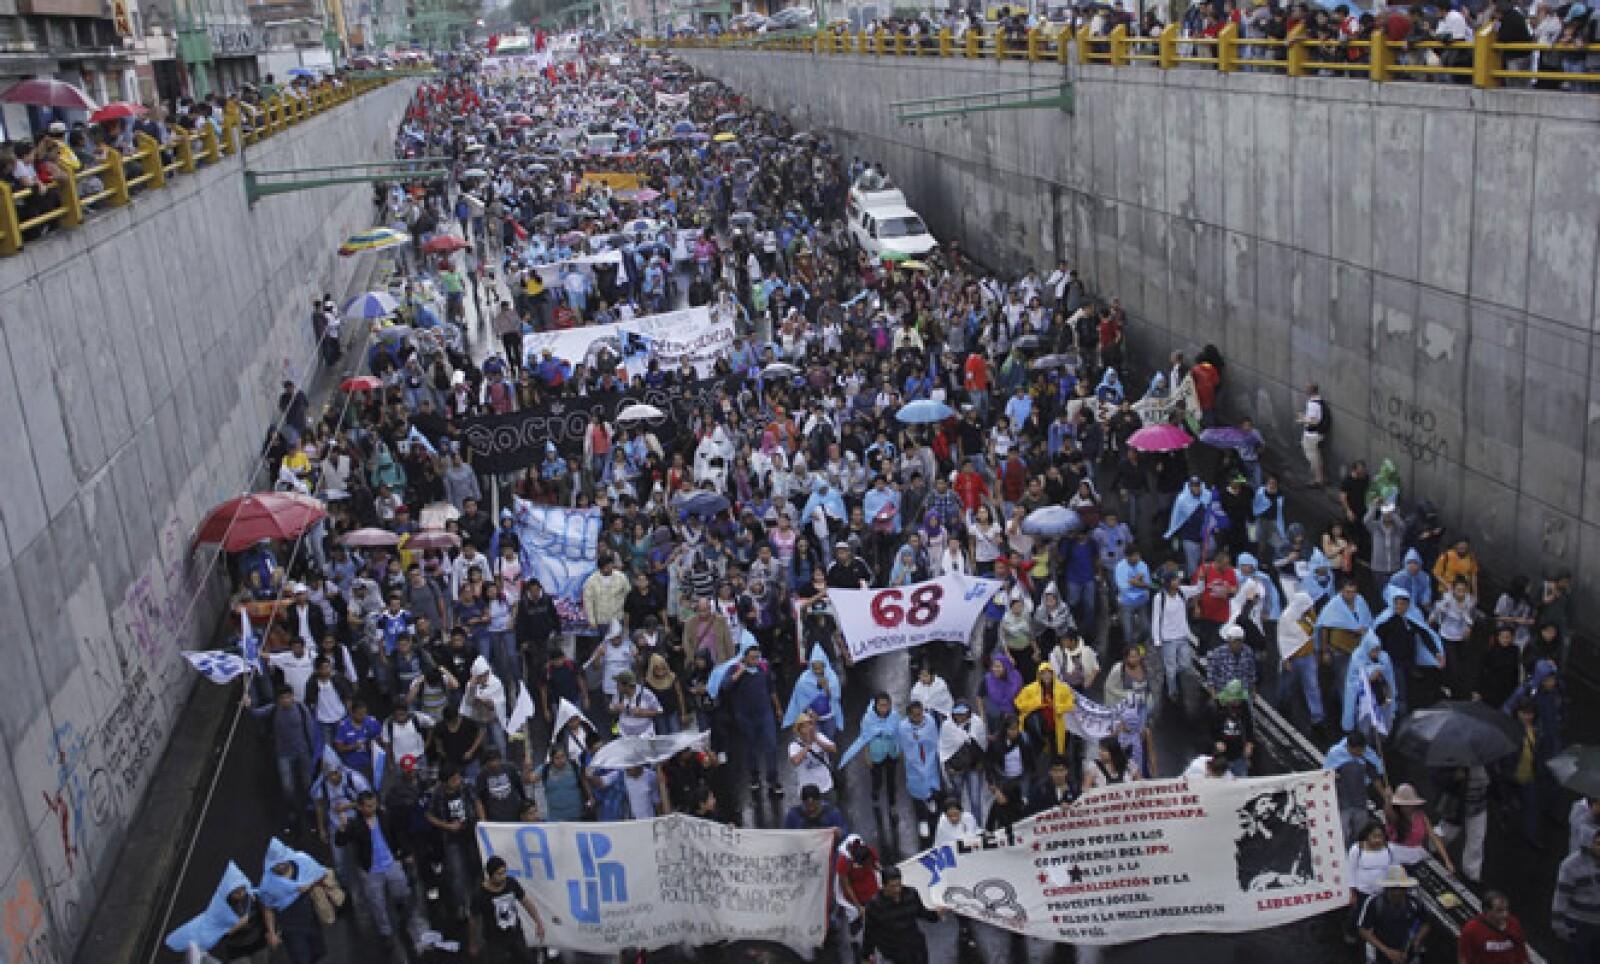 Los politécnicos participaron a título personal para no interferir con las negociaciones de su movimiento con el Gobierno federal.